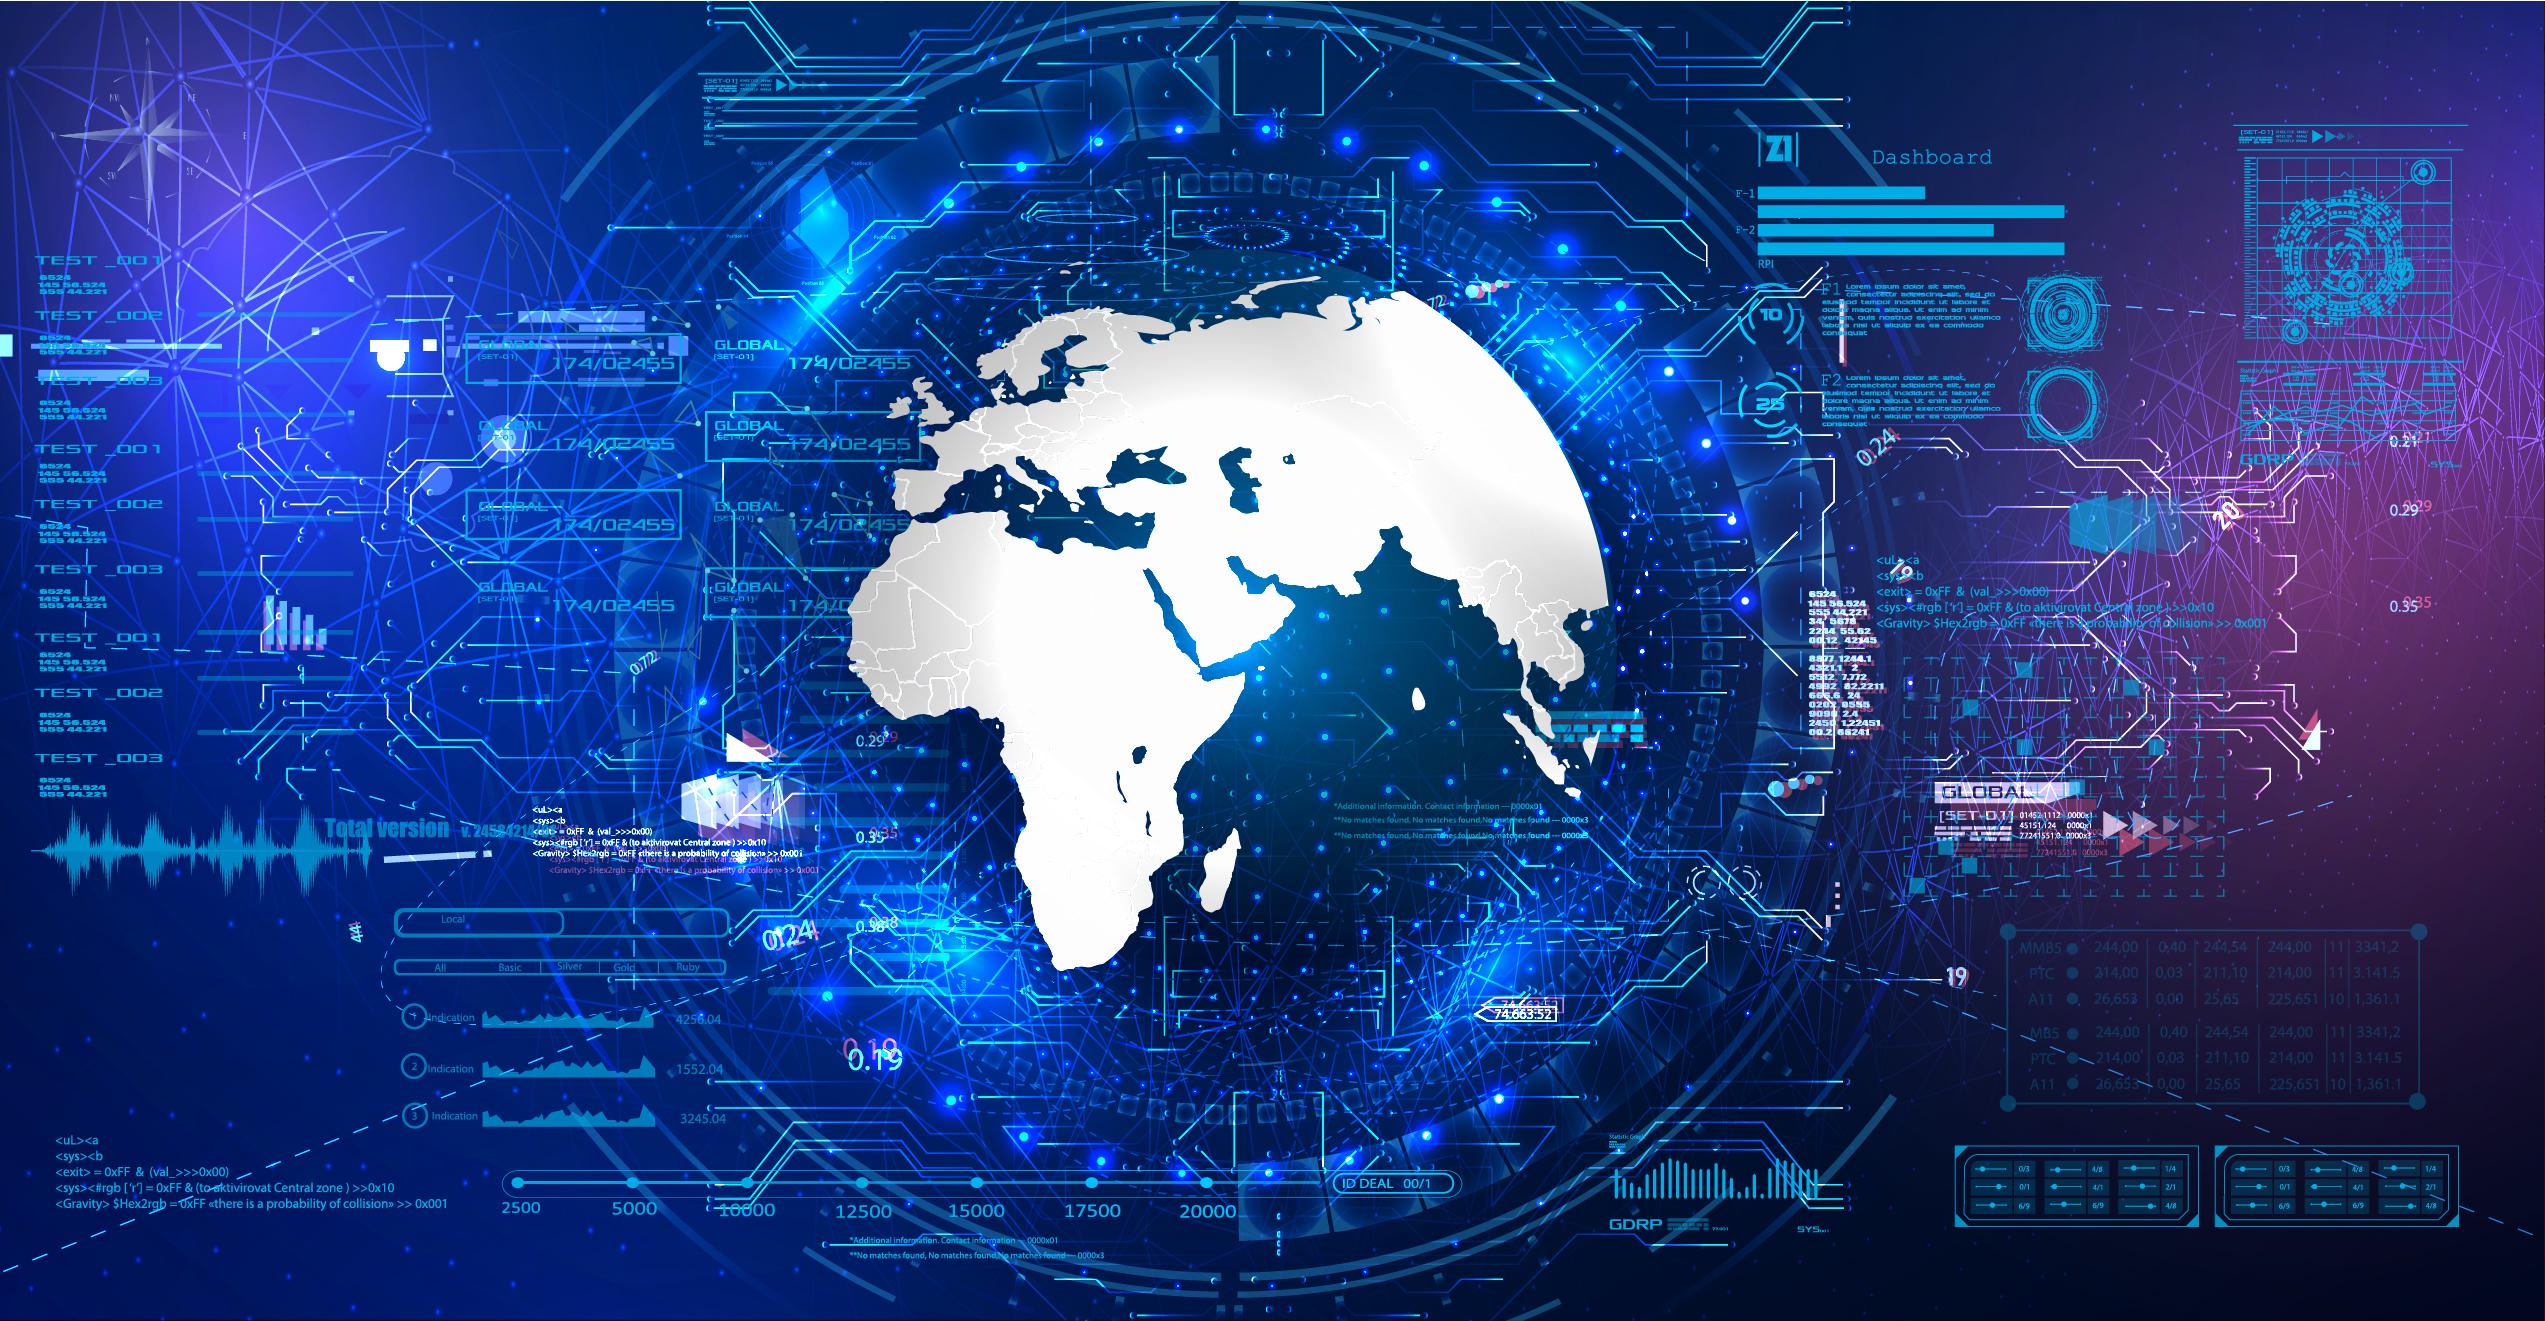 IT Modernization Mission Impact